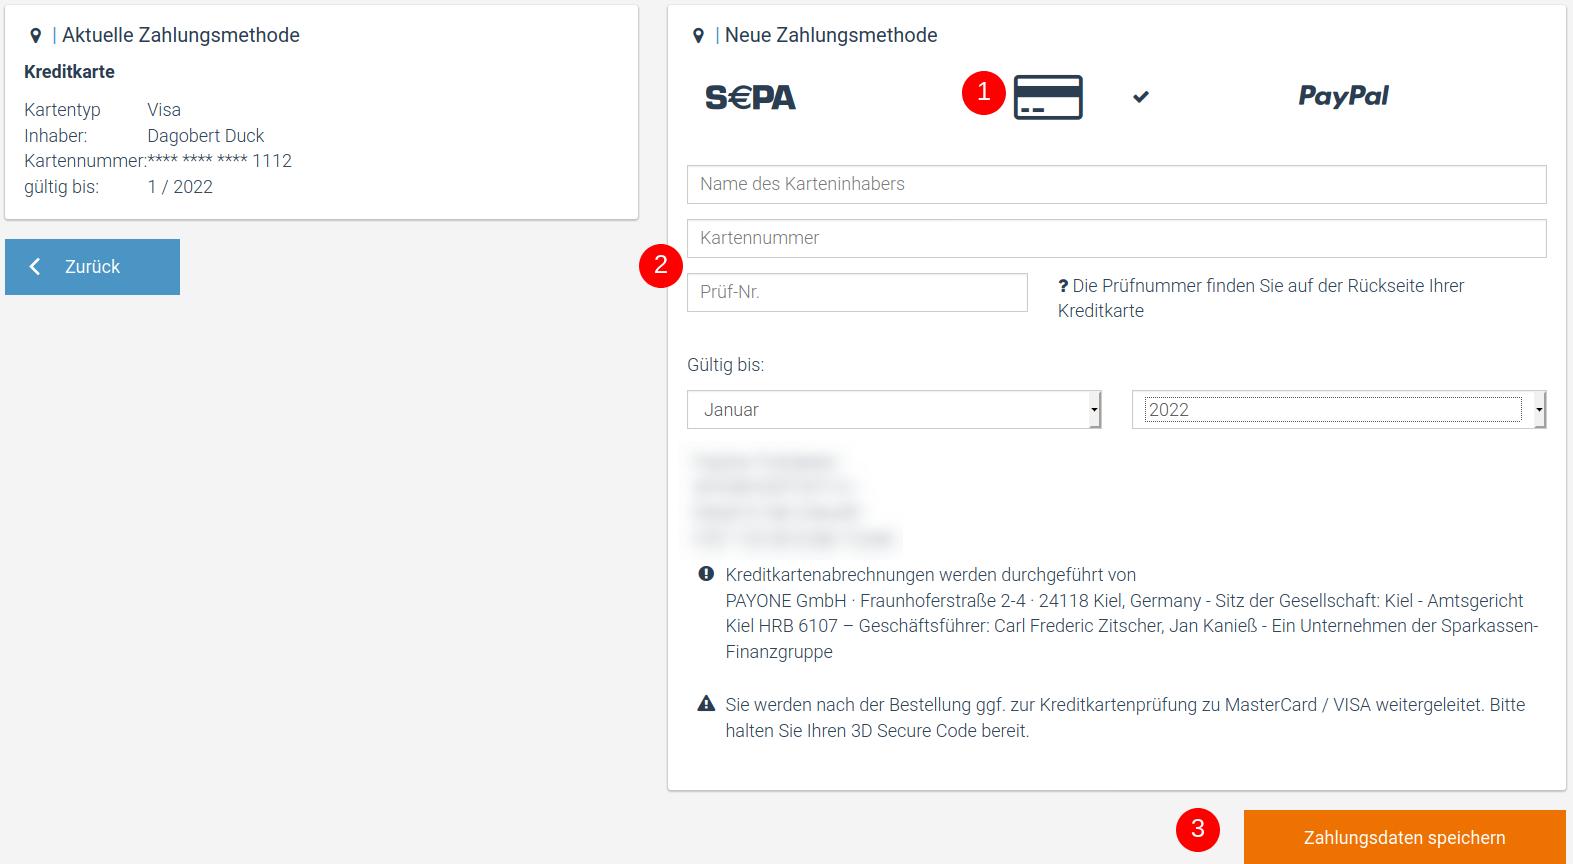 Ein Screenshot, der die Wahl eines neues Zahlungsmittels in factro zeigt.